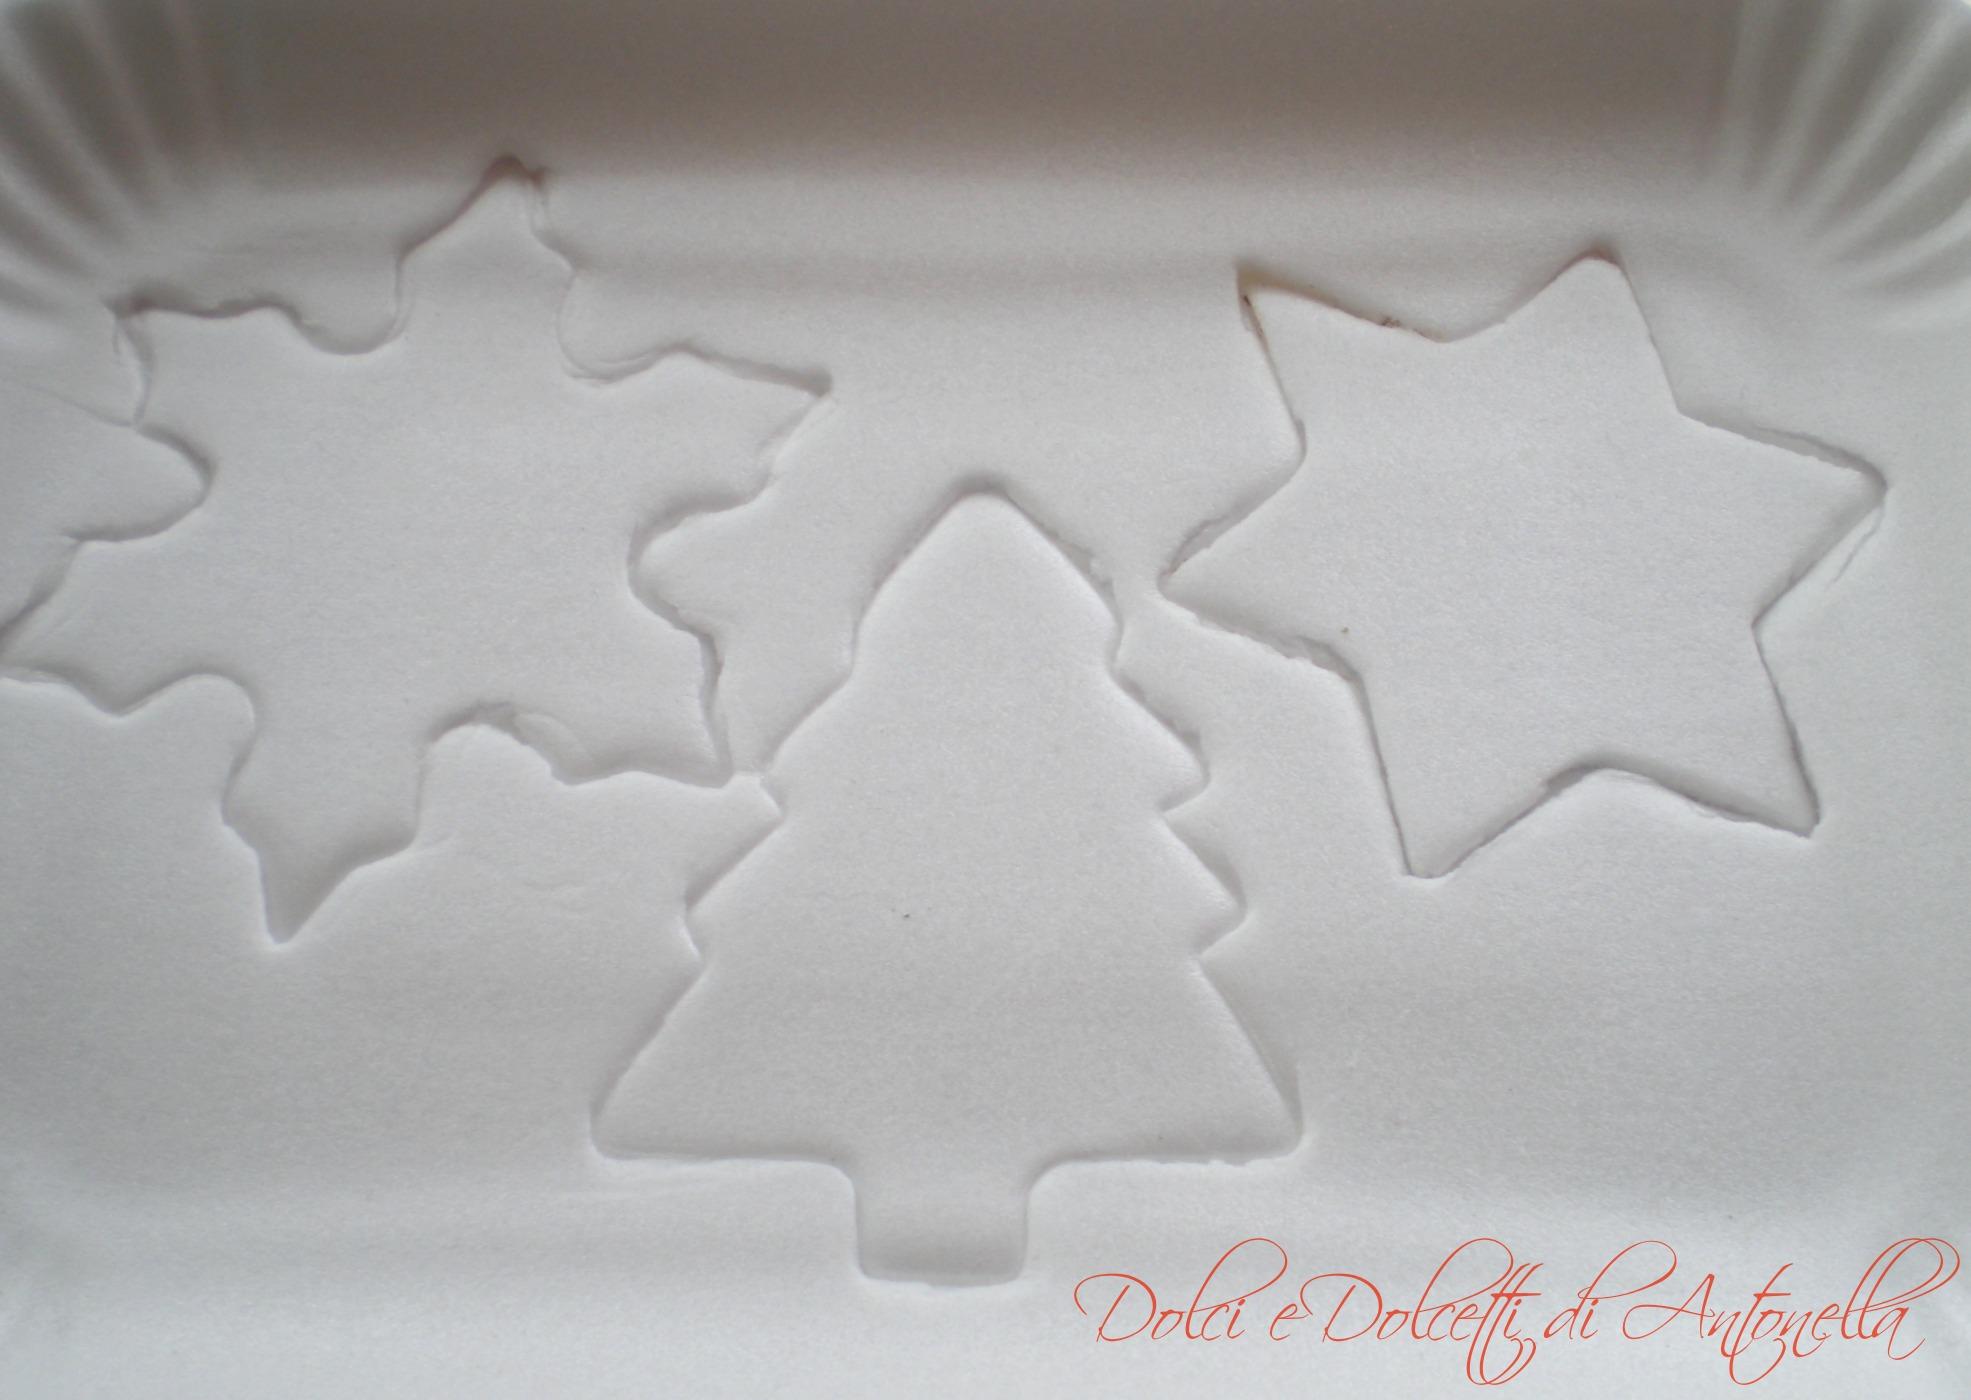 Decorazioni per albero di natale fai da te dolci e dolcetti di antonella - Decorazioni per feste fai da te ...